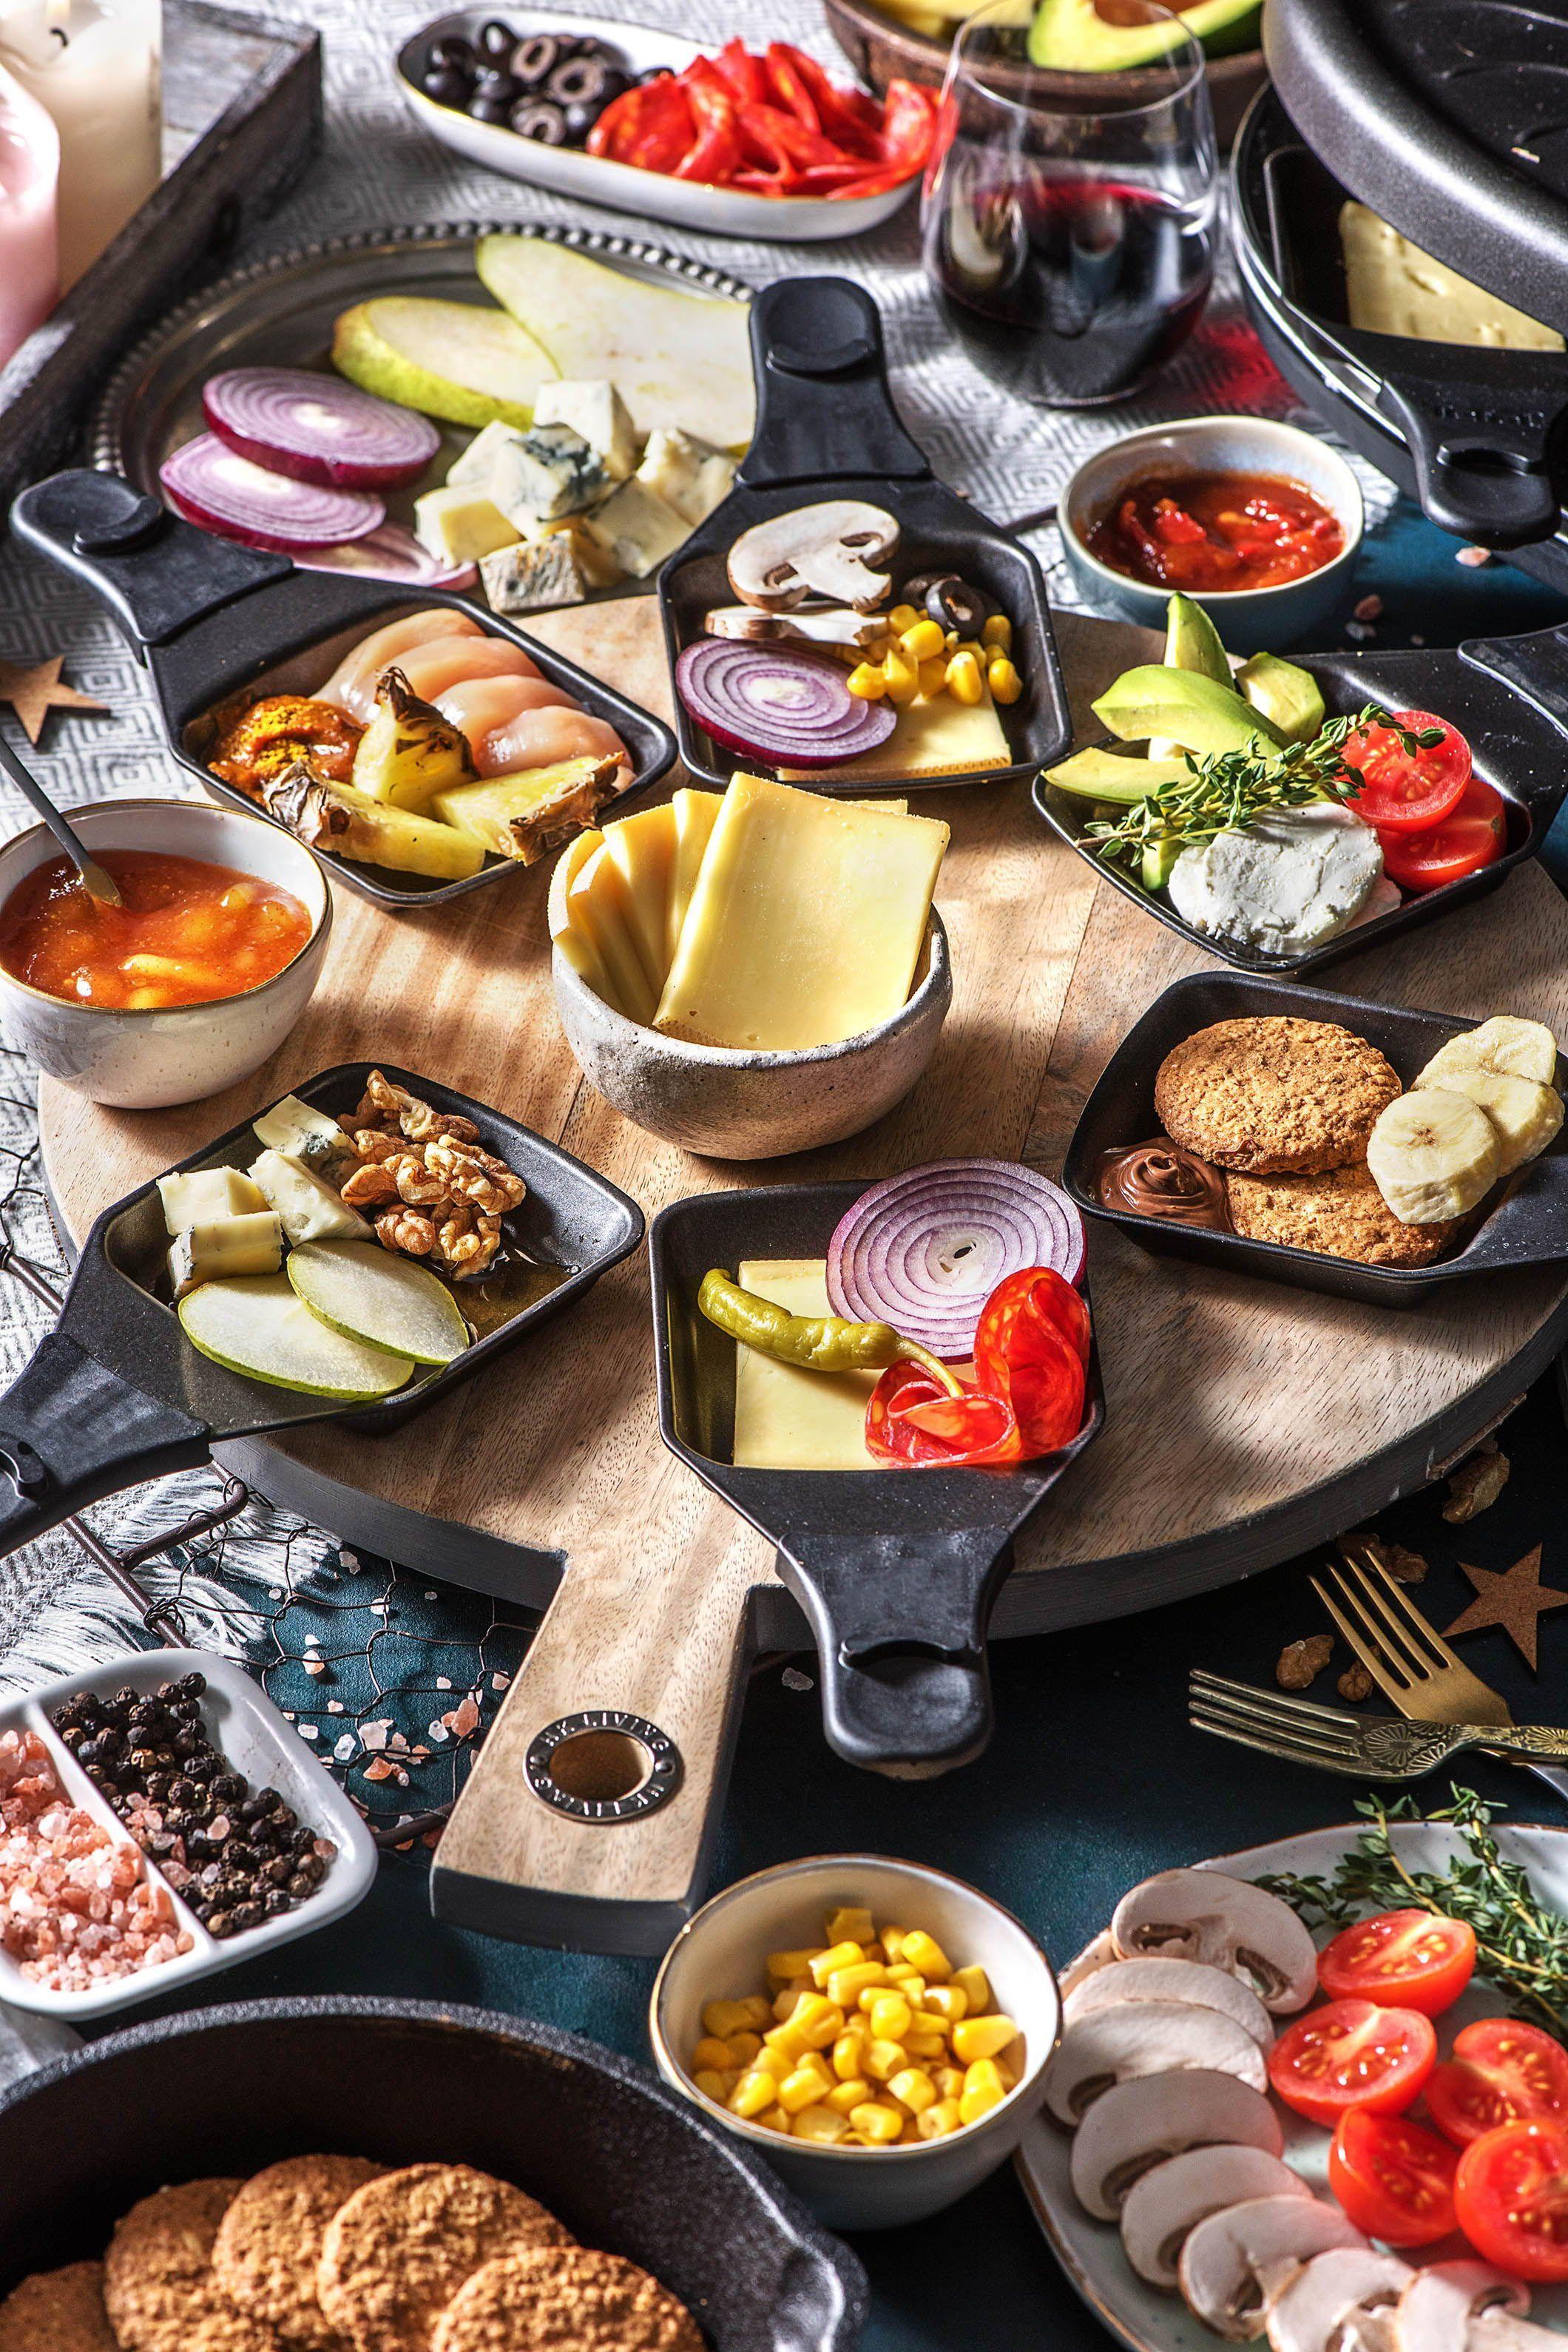 6 einfache Raclette Variationen für Silvester | HelloFresh Blog #recettesdecuisine Rezept für: 6 einfache Raclette Variationen für Silvester    Deftige, leichte und süße Rezepte für ein leckeres Raclette. Perfektes Festessen für Deine Gäste. Ein ganz besonderes Dinner!     Käseraclette / Festtag / Neujahr / Kochen / Essen / Ernährung / Lecker / Kochbox / Zutaten / Gesund / Schnell / Abendessen / Mittagessen / Herbst    #hellofreshde #kochen #essen #silvester #raclette #abendessen #mitt #newyearsevefood